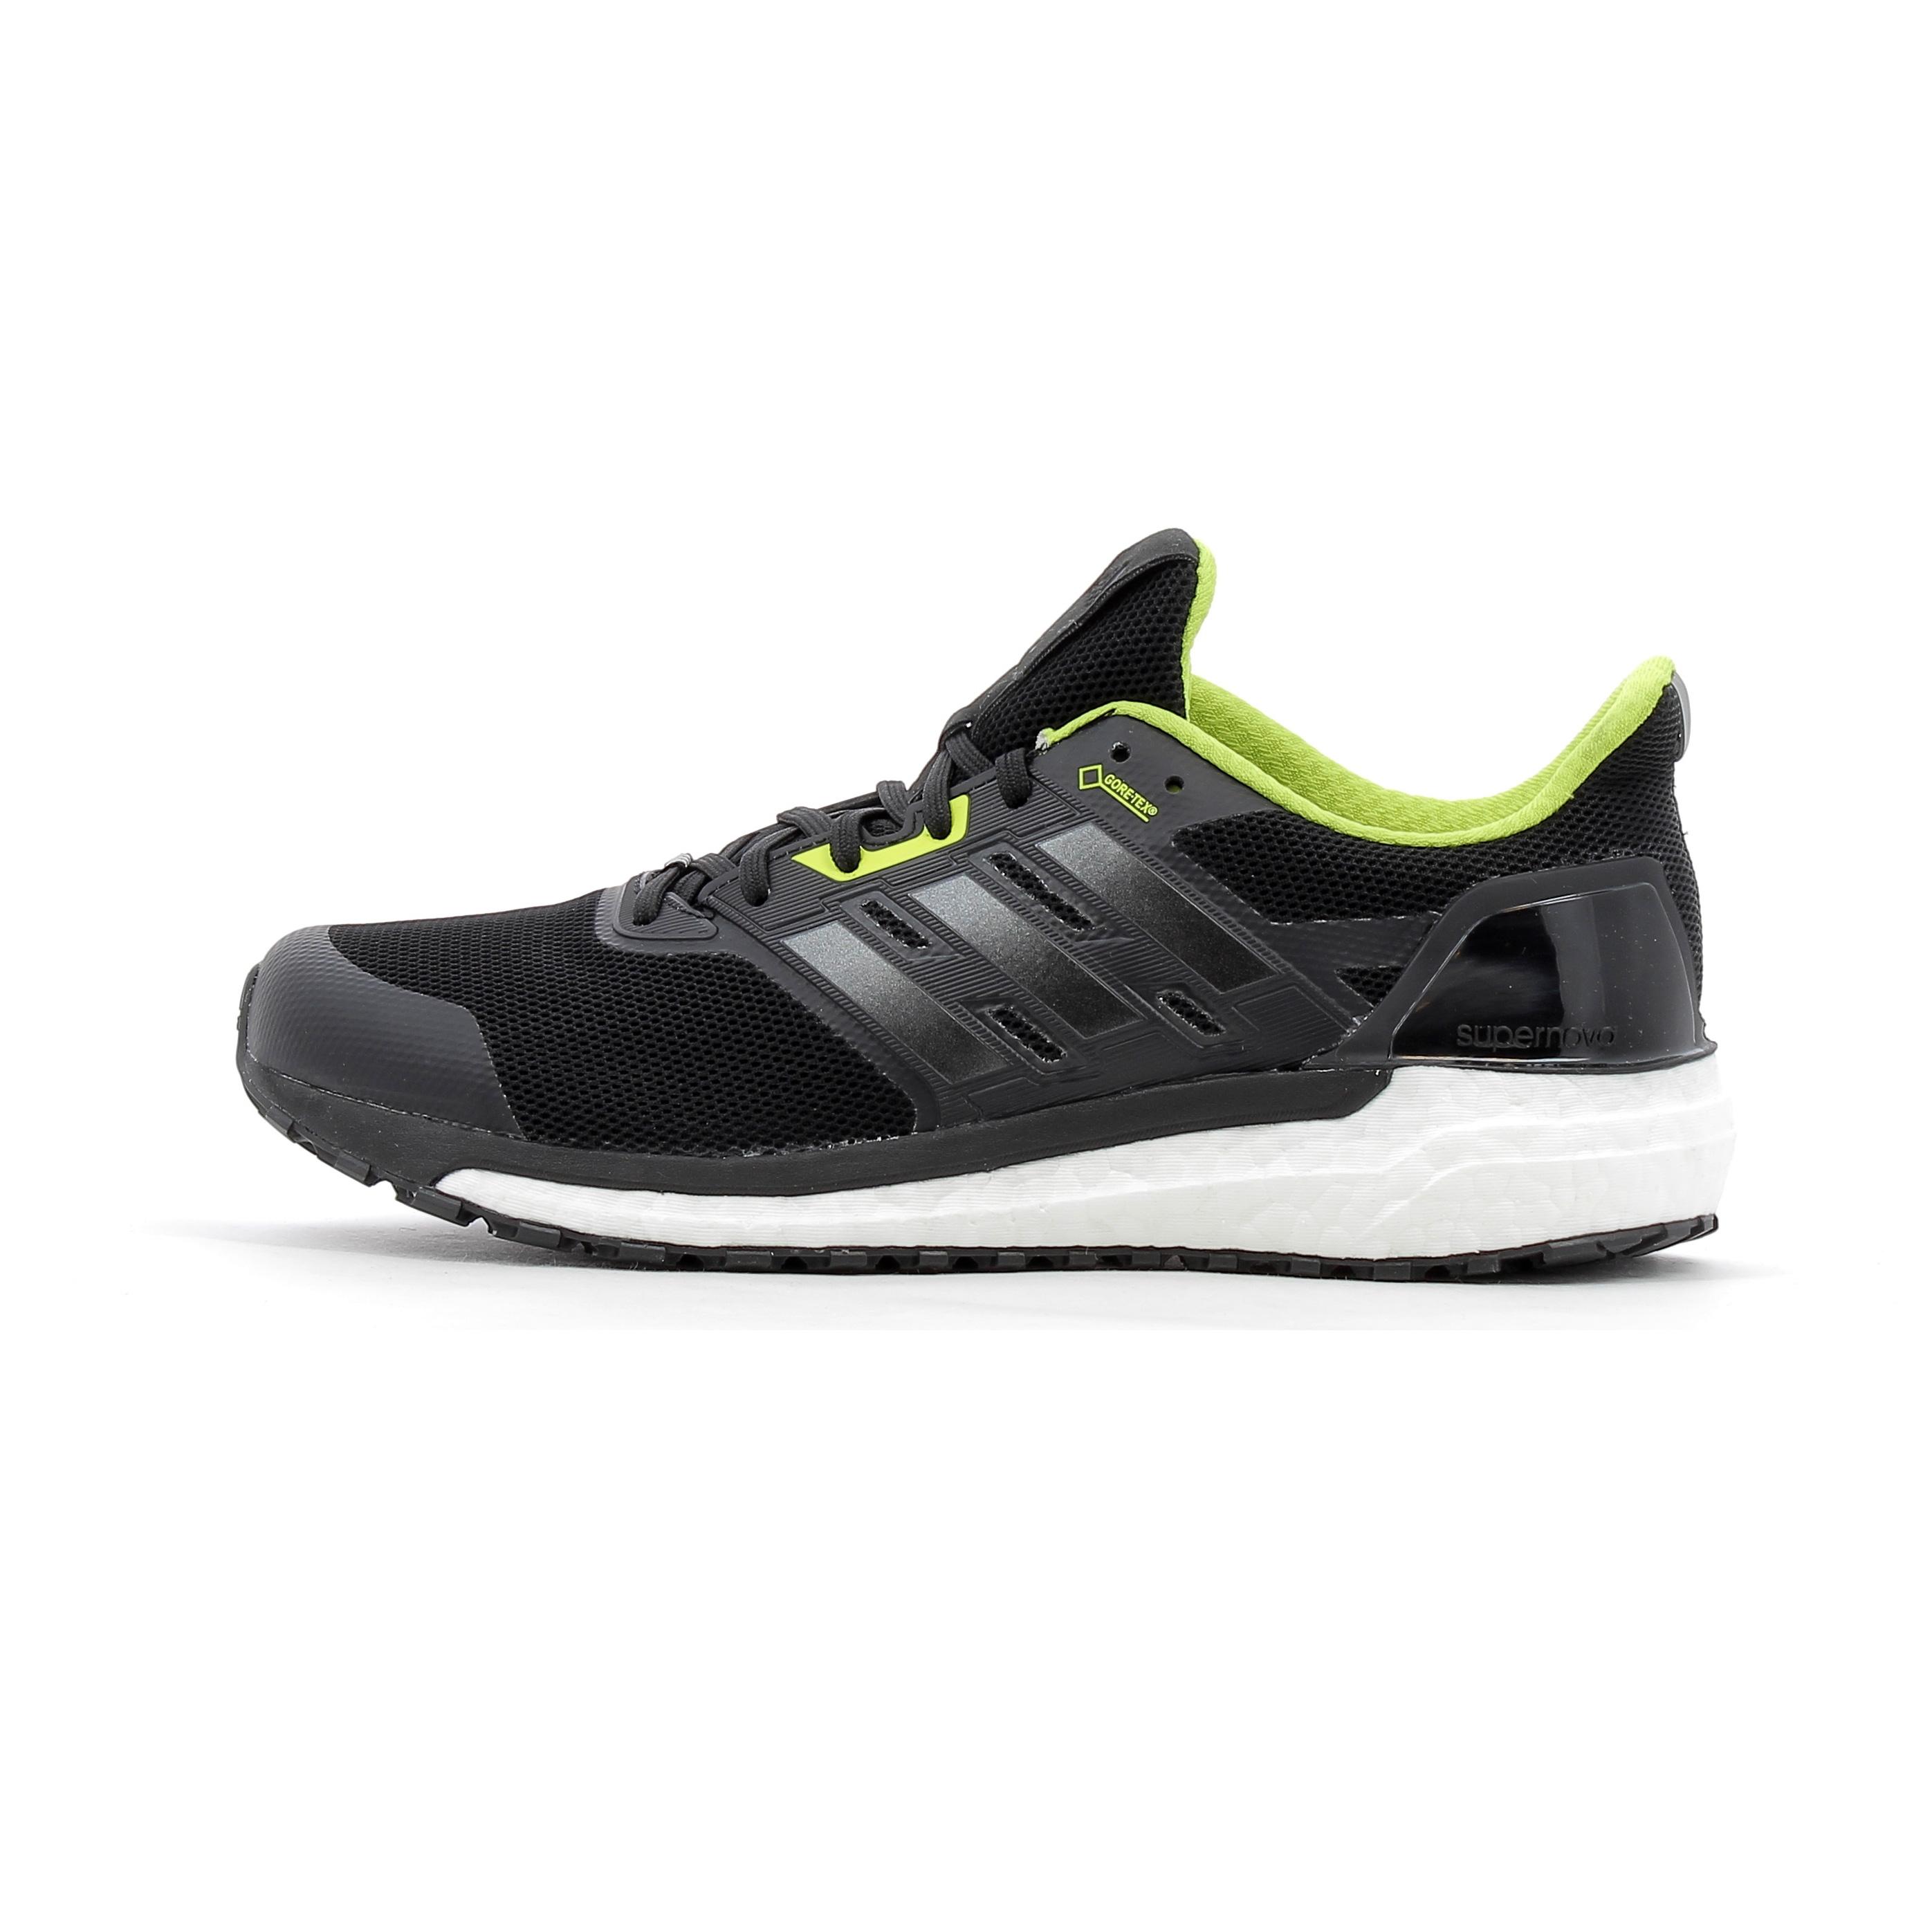 Chaussures Noir Running De Supernova Homme Adidas Gore Tex b6yfvIY7gm